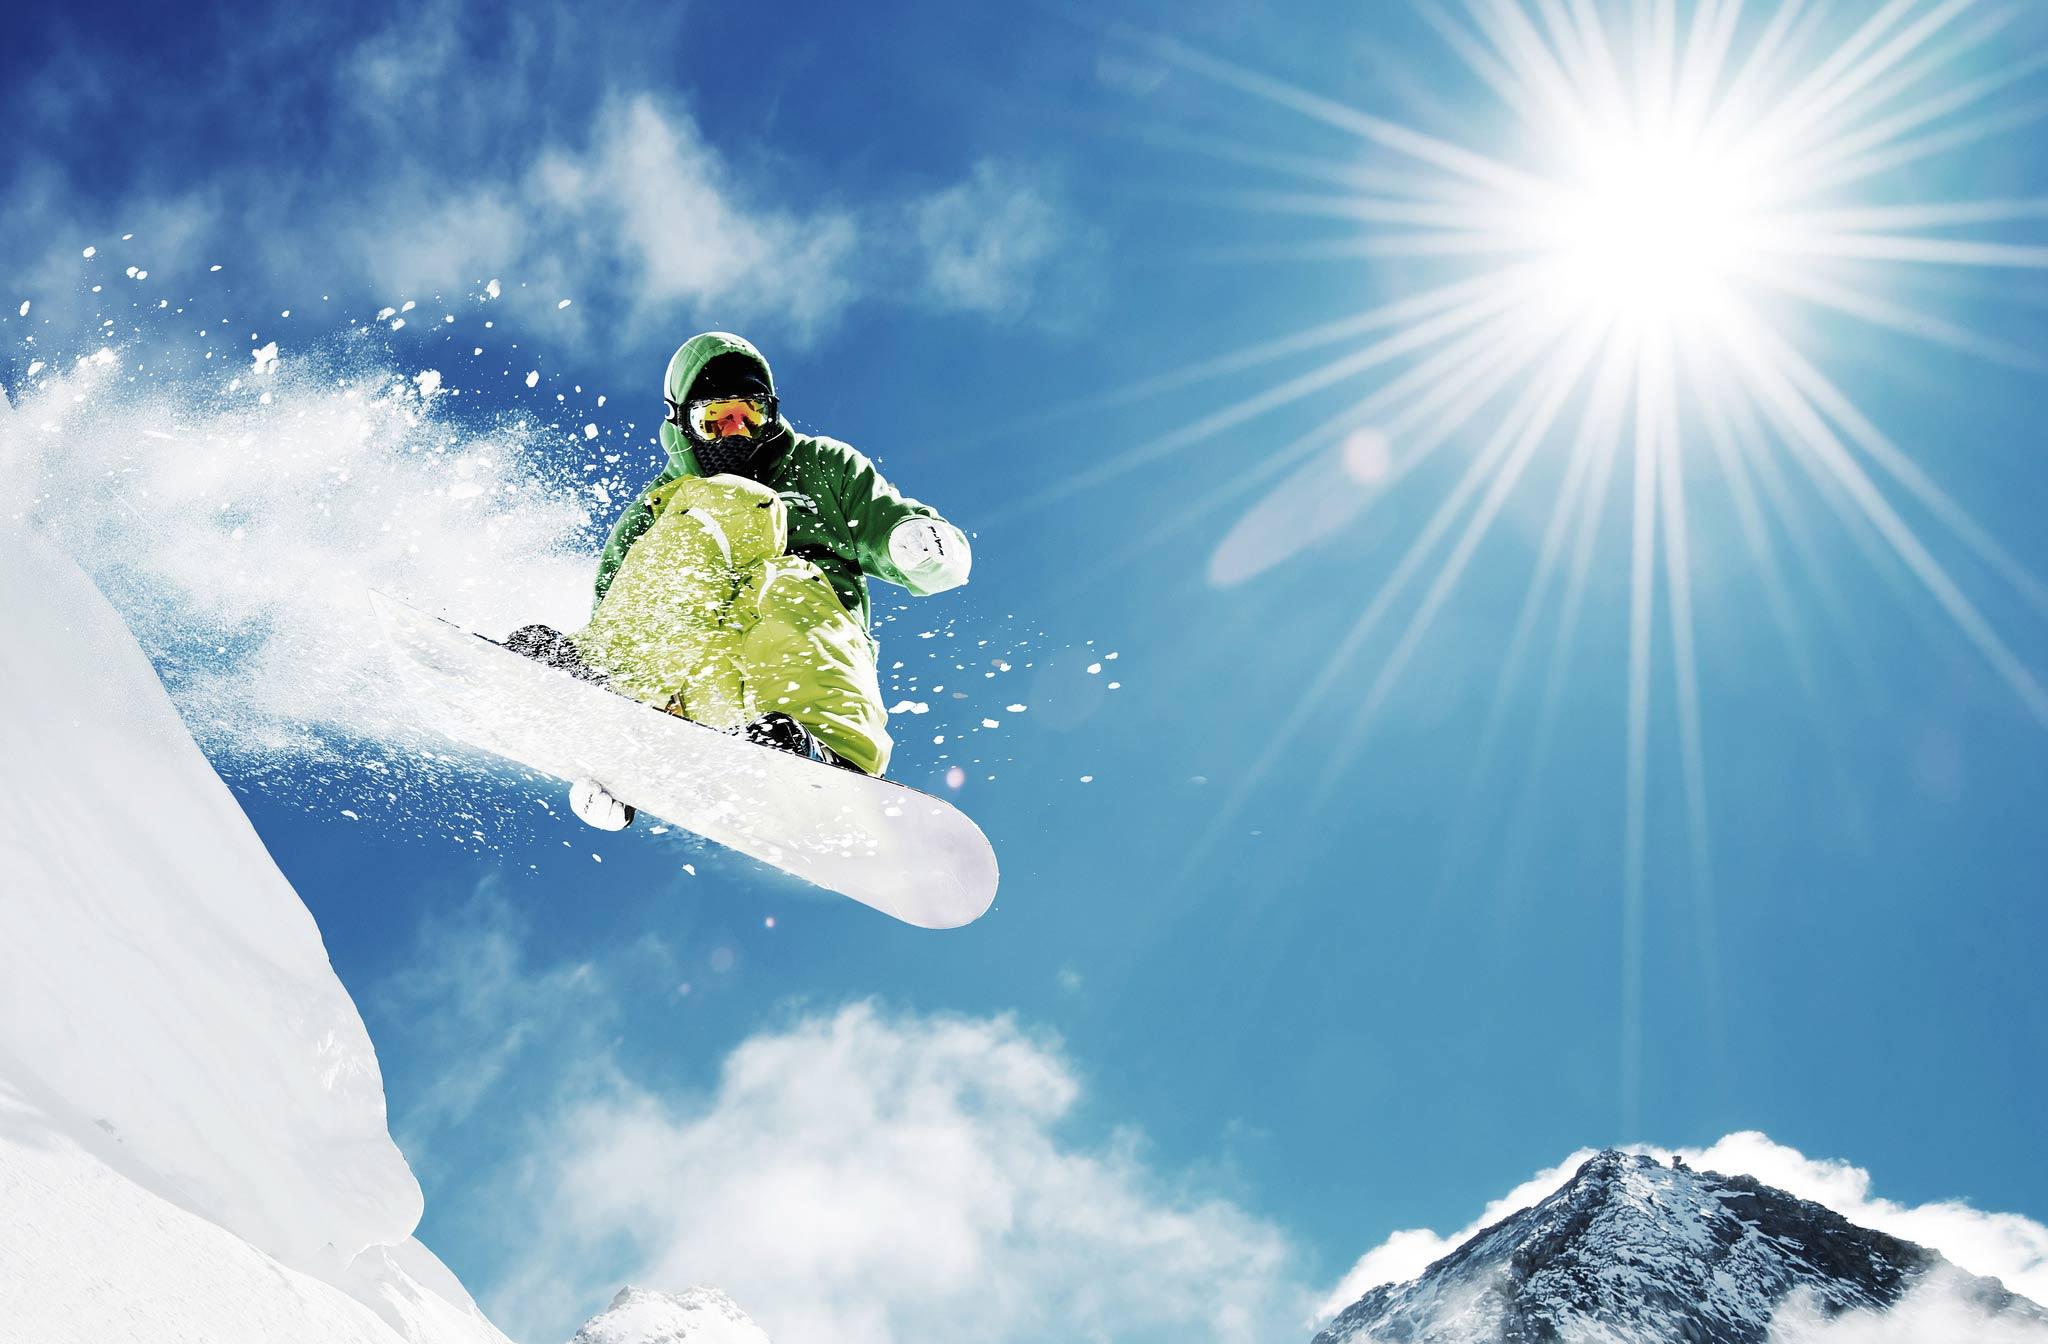 Snowboarder---Whistler